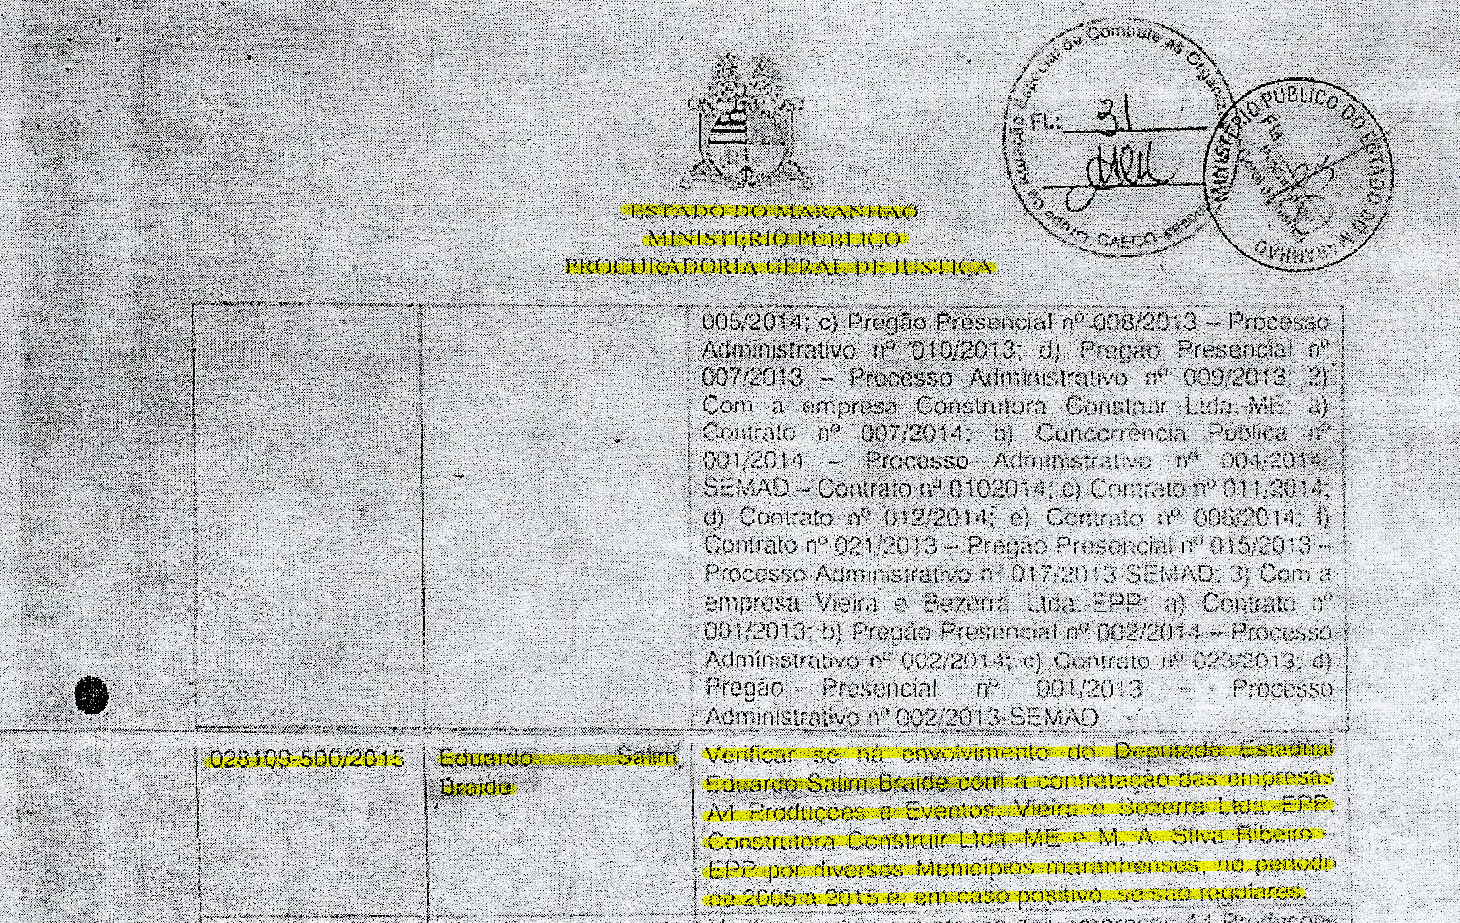 Documento sigiloso da PGJ mostra que Gaeco abriu investigação para saber se há a participação de Eduardo Braide no esquema criminoso